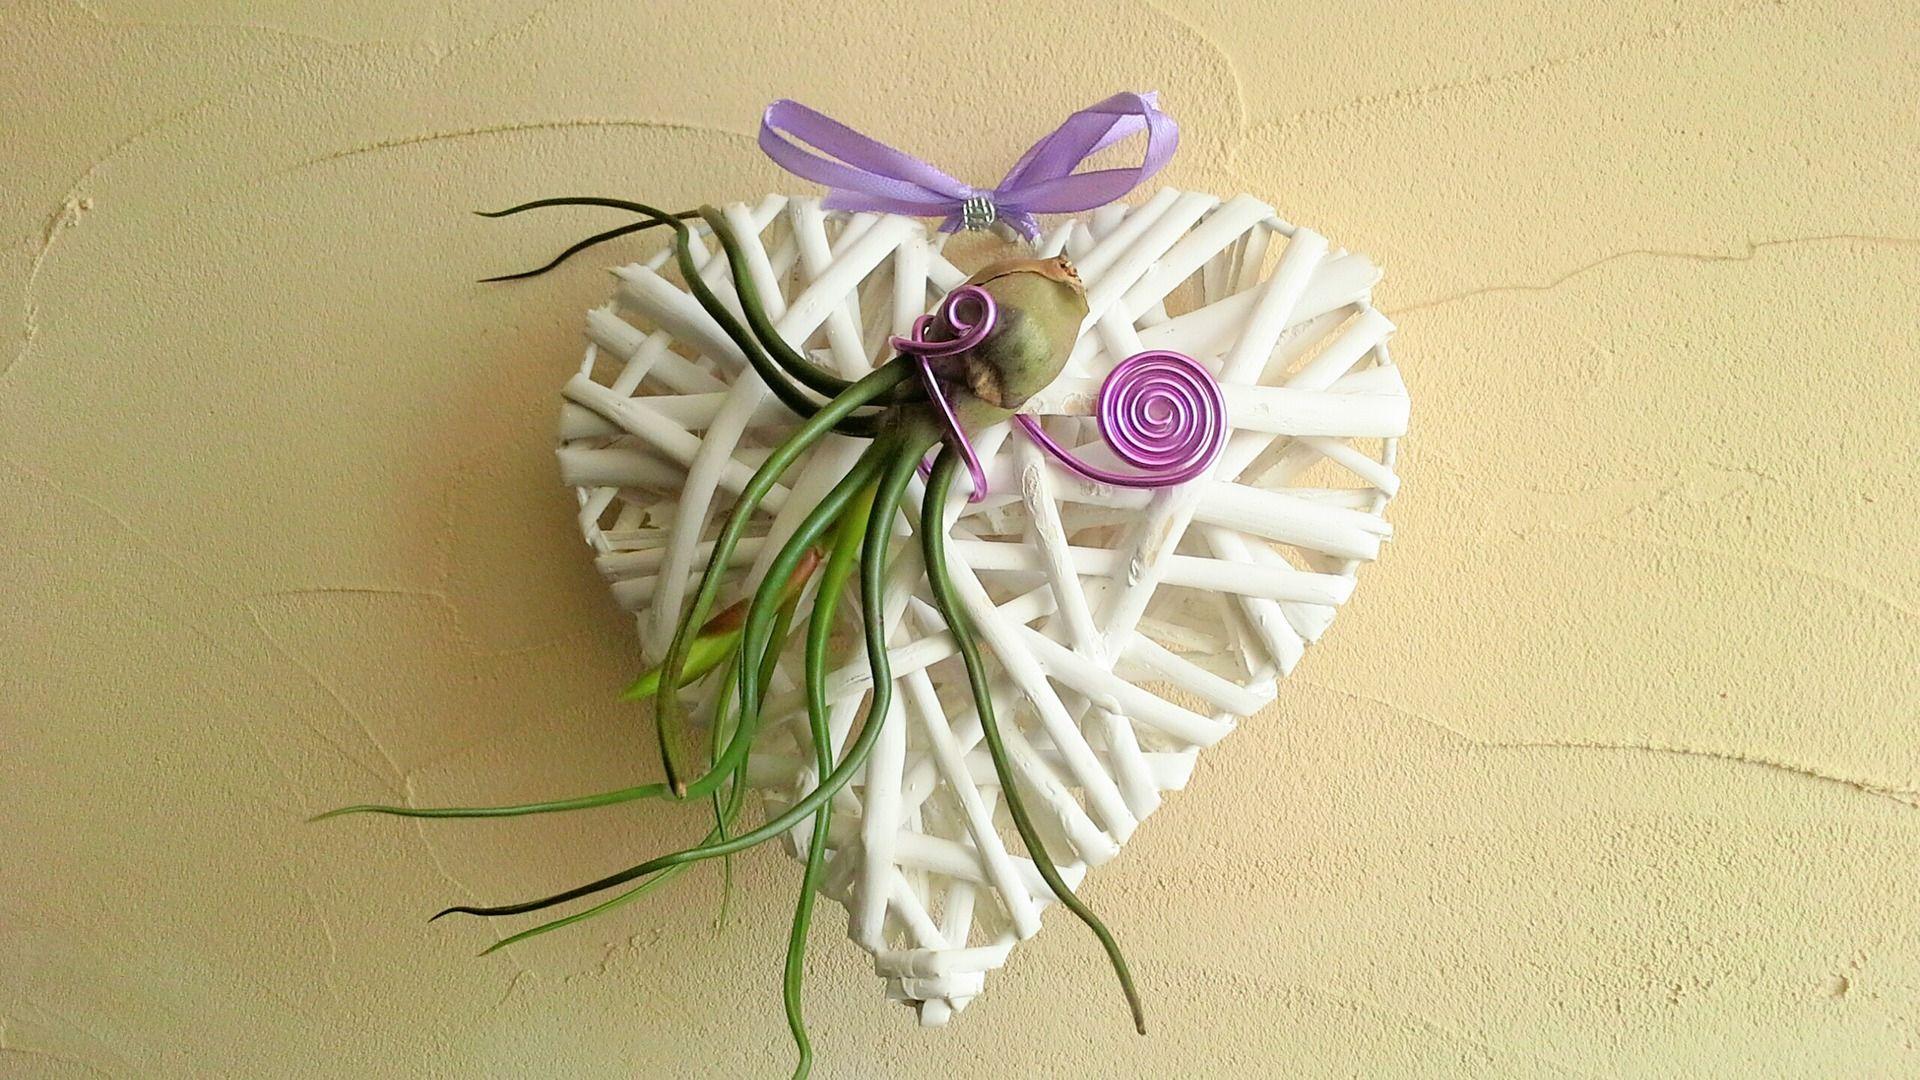 cadeau original tillandsia fille de l 39 air plante a rienne sur son petit coeur en osier. Black Bedroom Furniture Sets. Home Design Ideas